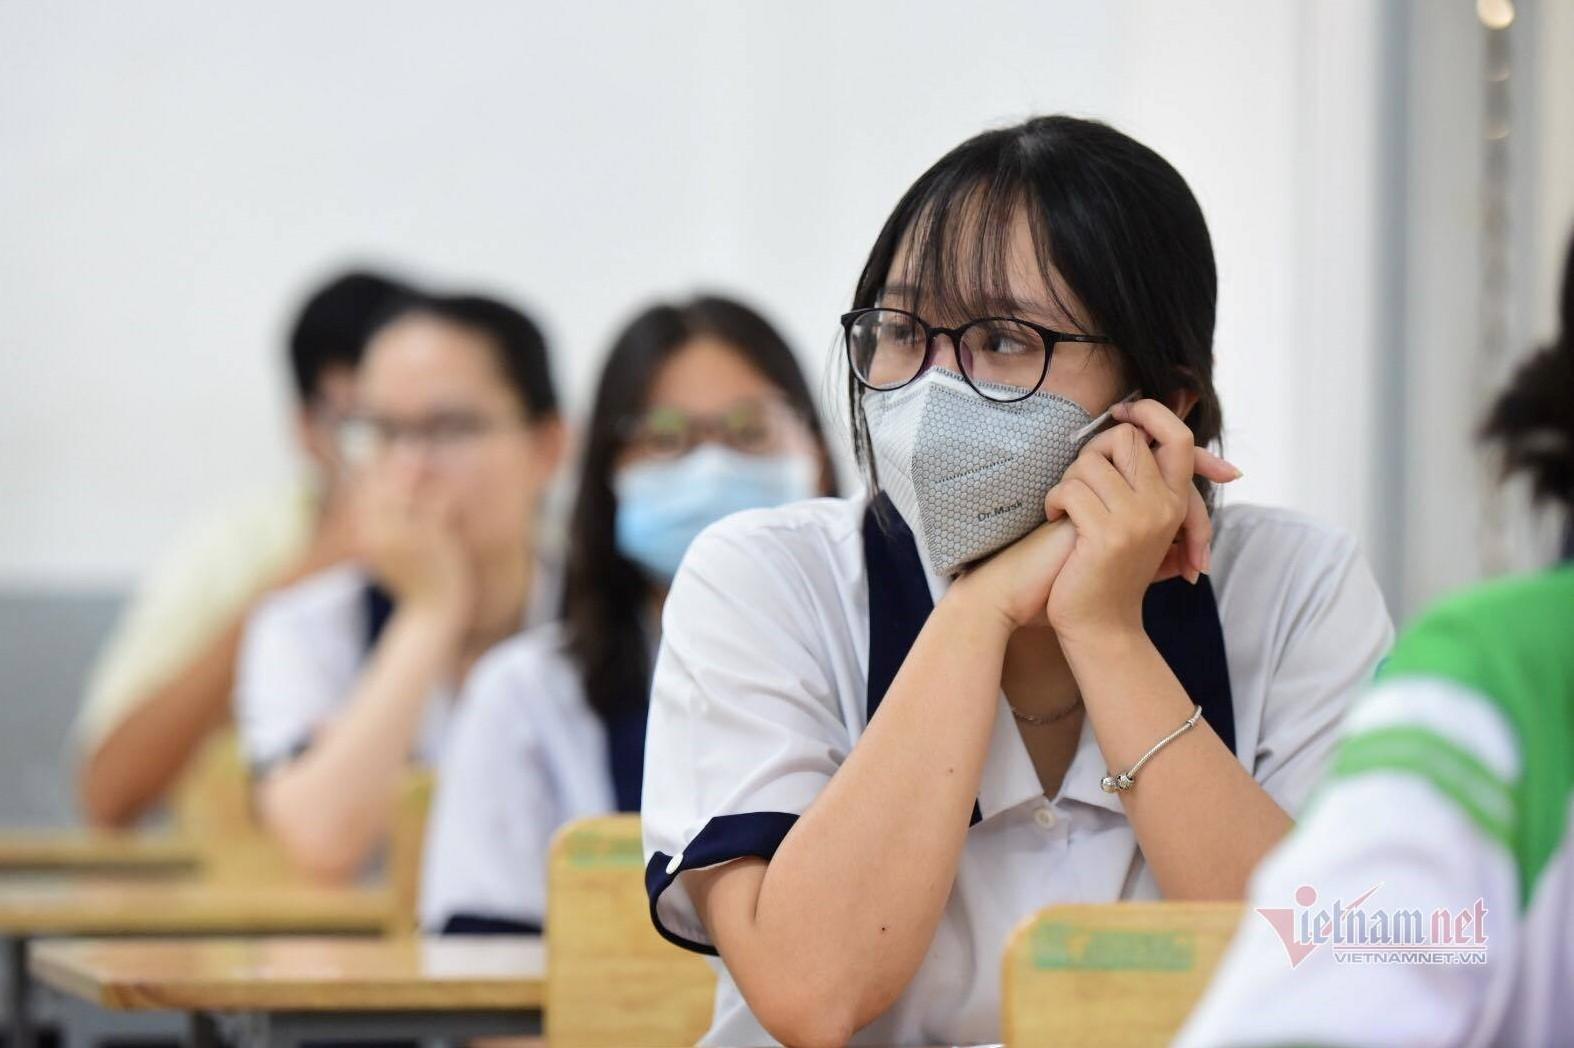 Vì Covid-19, Bắc Ninh lùi kỳ thi vào lớp 10 năm 2021